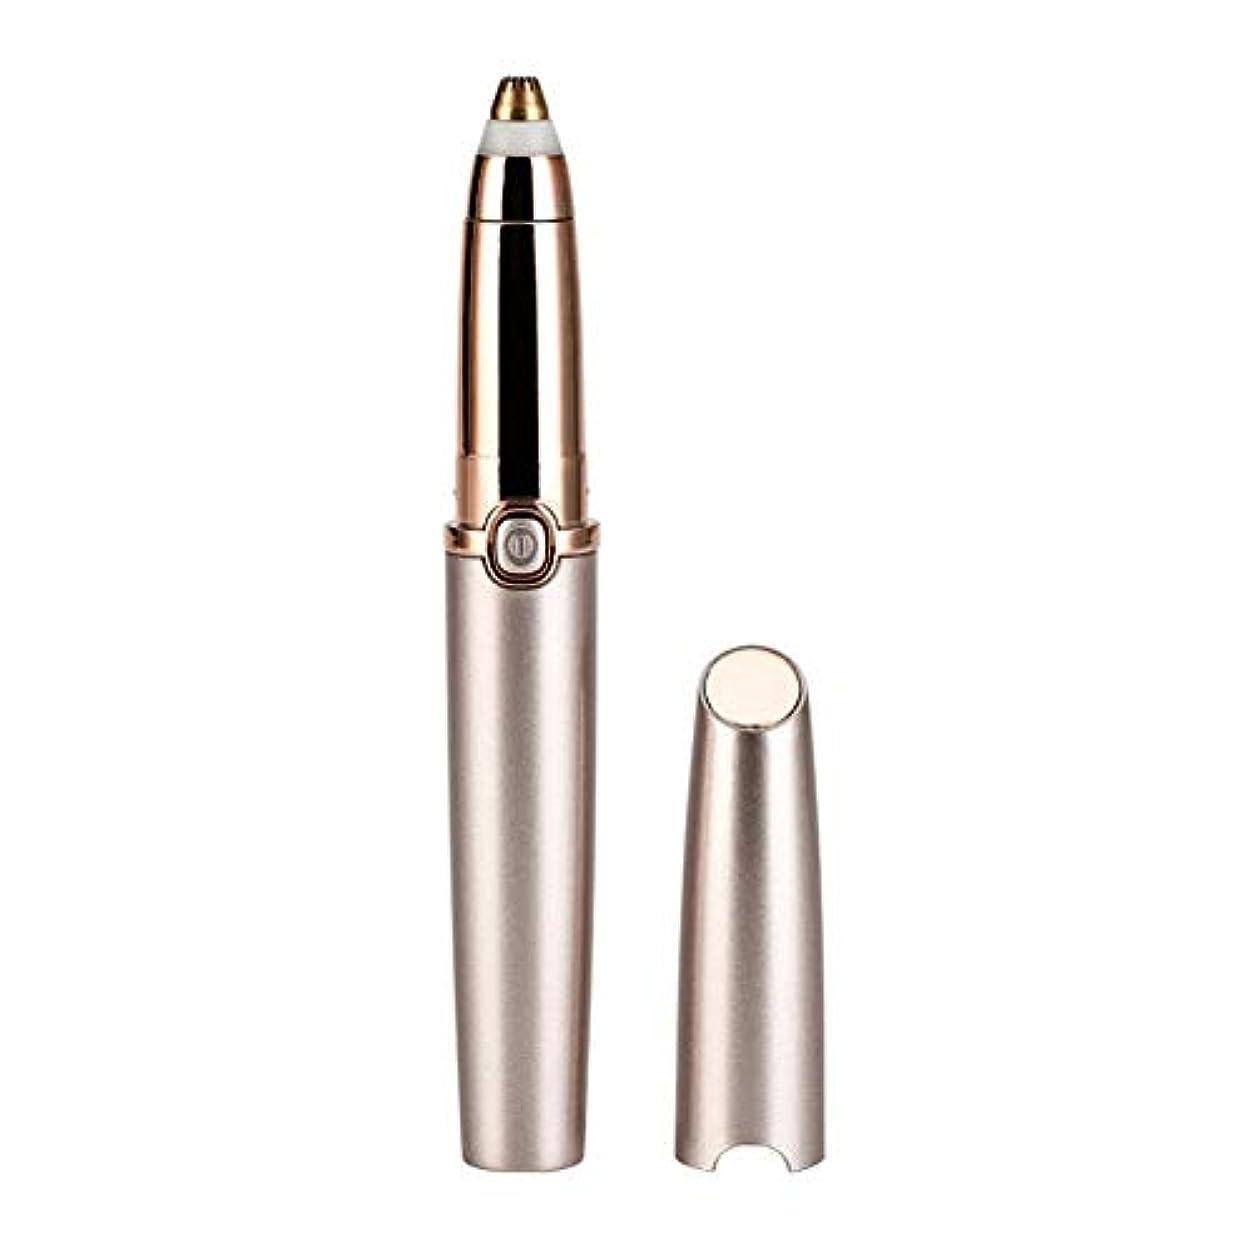 クリーム投げるペックSILUN 脱毛器 眉毛形削りナイフ 口紅形 防水脱毛トリマー USB充電式 持ち運び便利 シェービングマシン 多目的 使用し安全